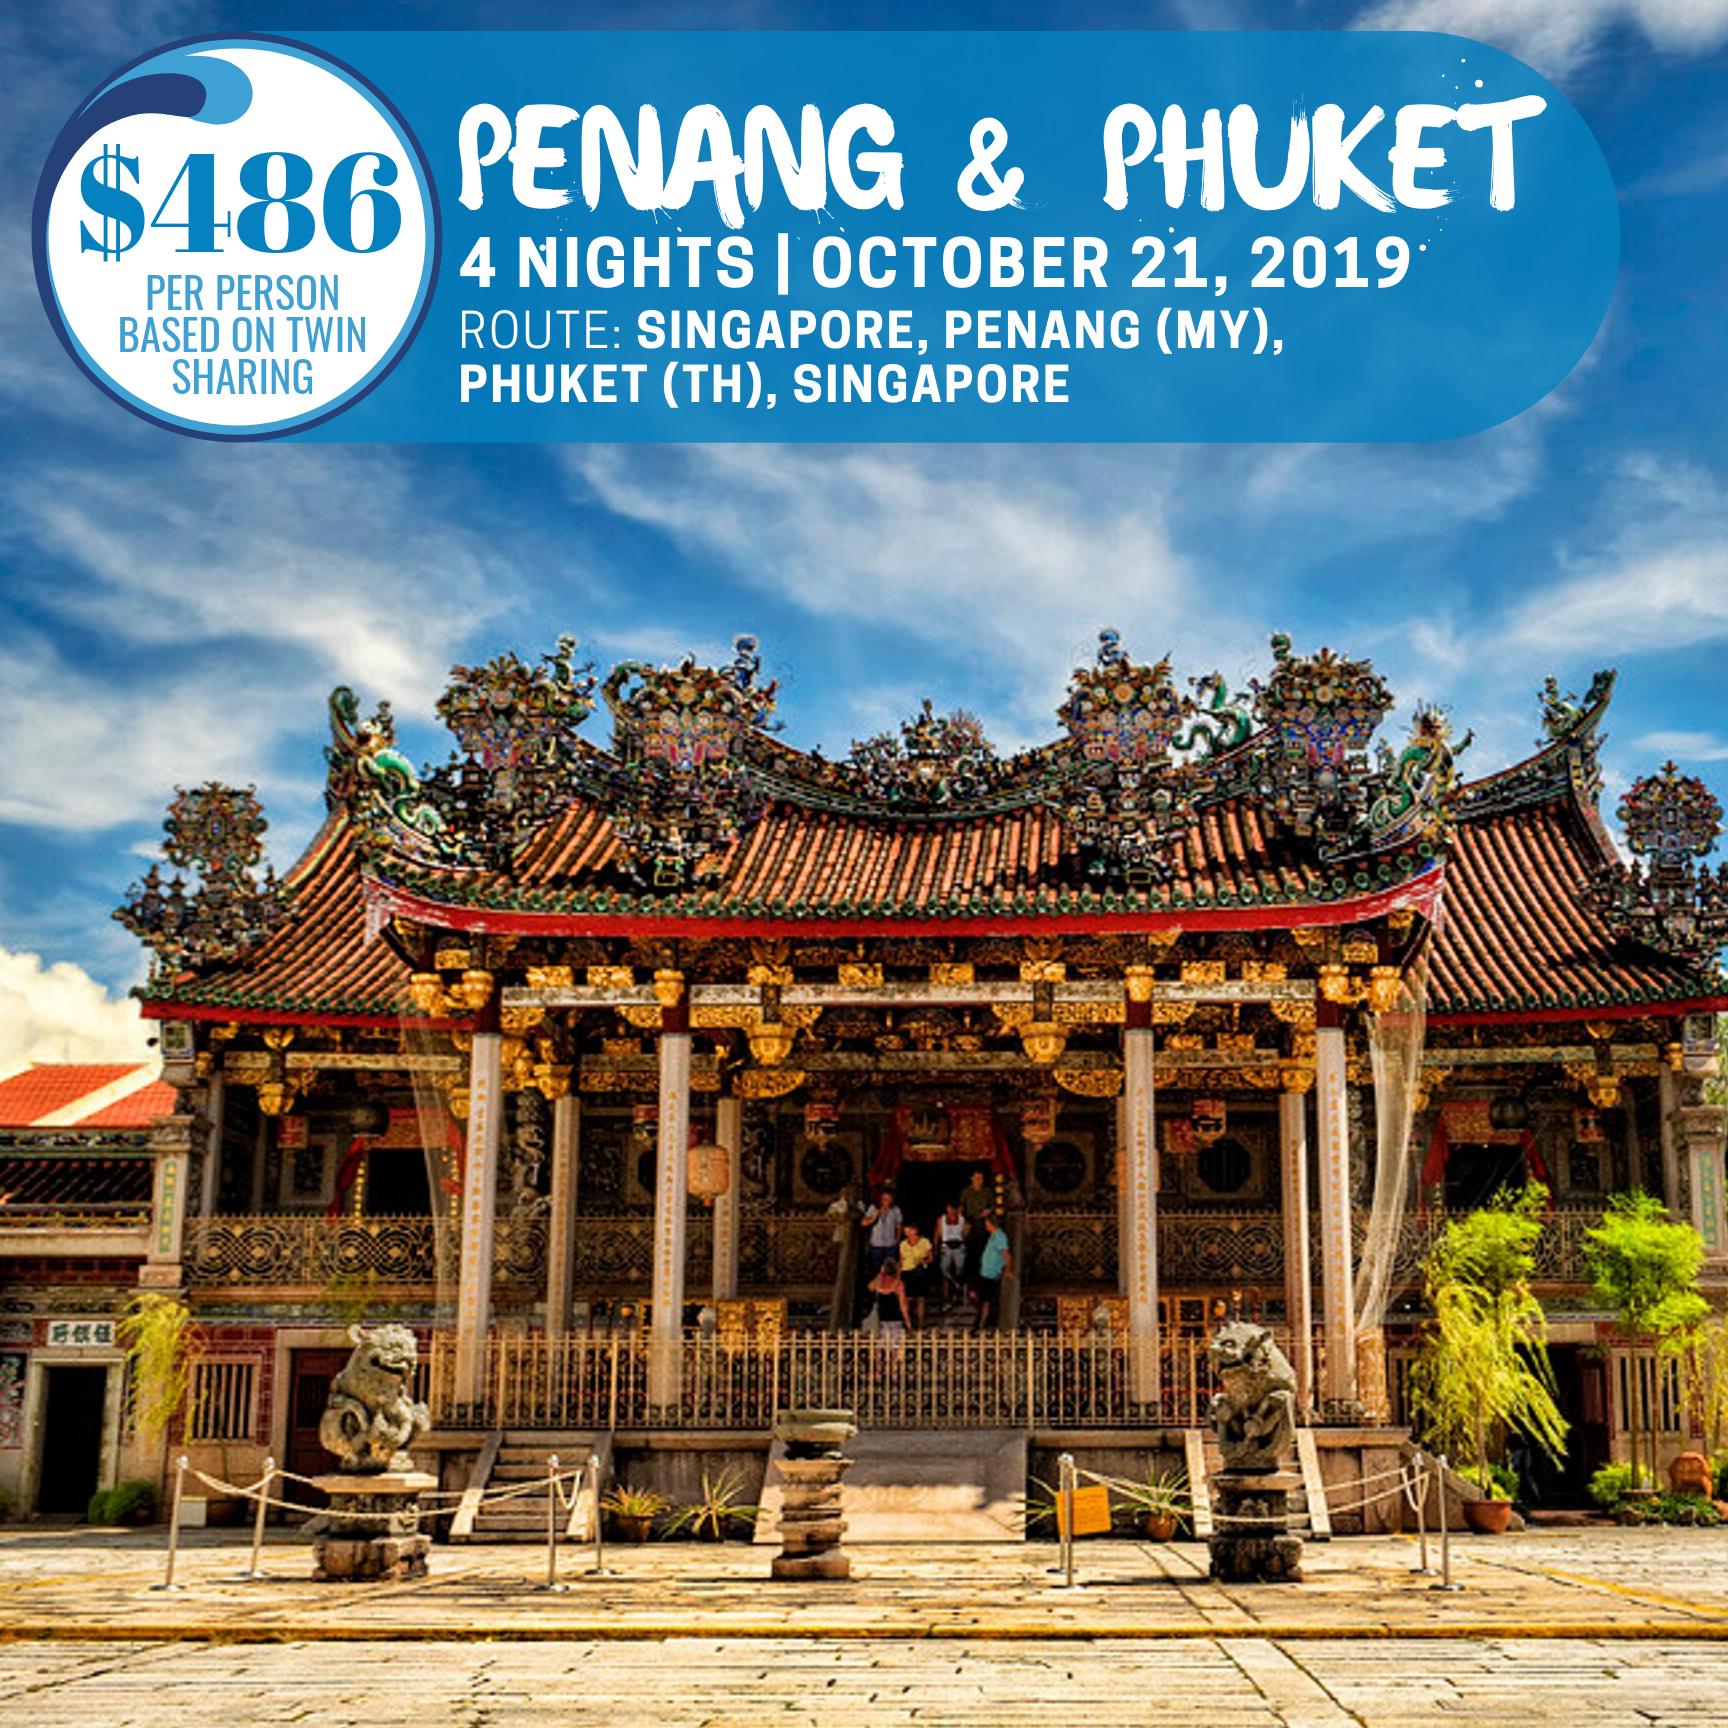 Penang and Phuket